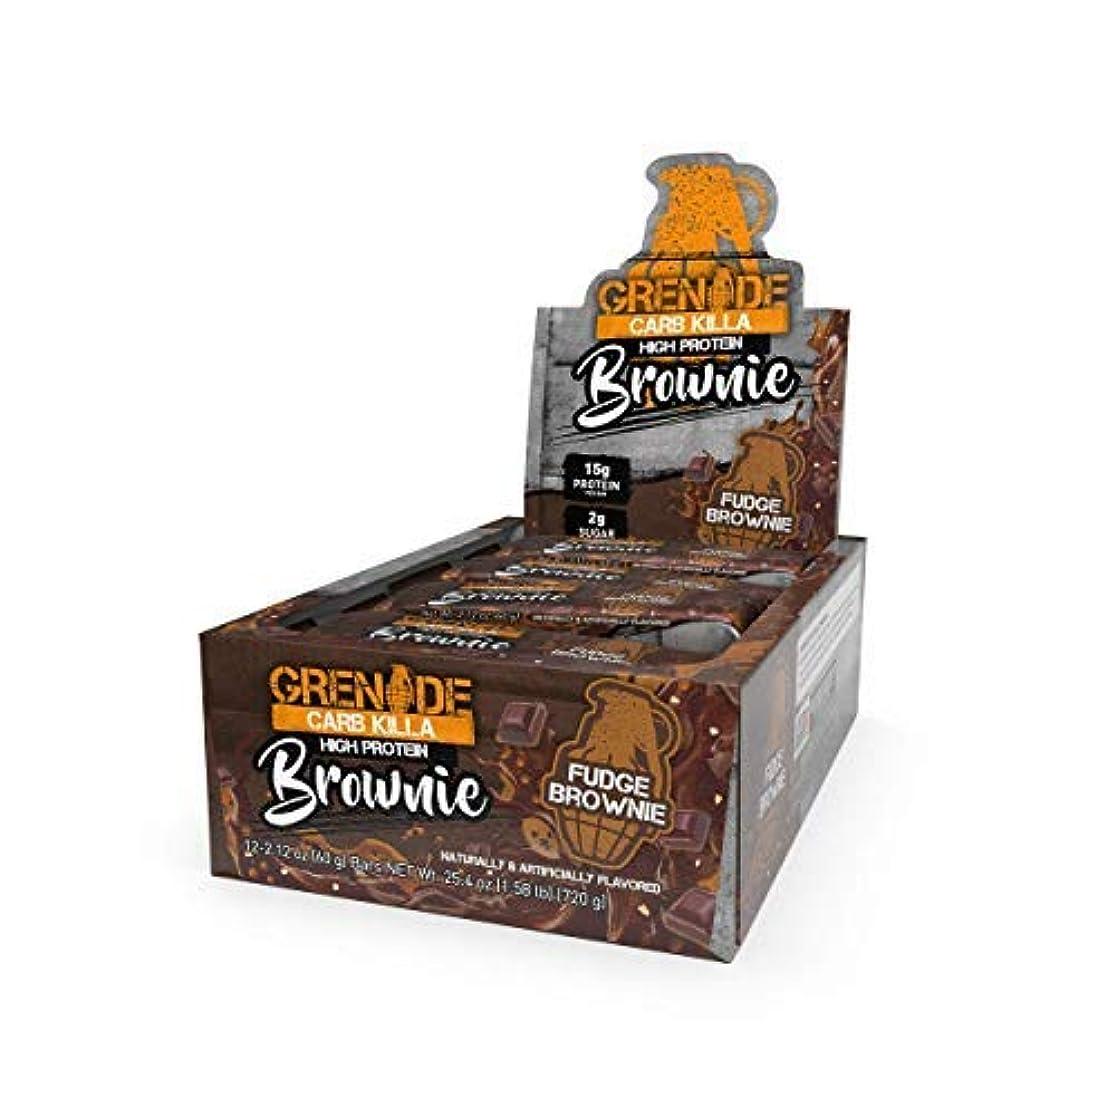 位置づける可能性アニメーションGrenade Carb Killa Brownie High Protein Suitable Meal Replacement for Weight Loss 60 Grams Pack of 12 [並行輸入品]